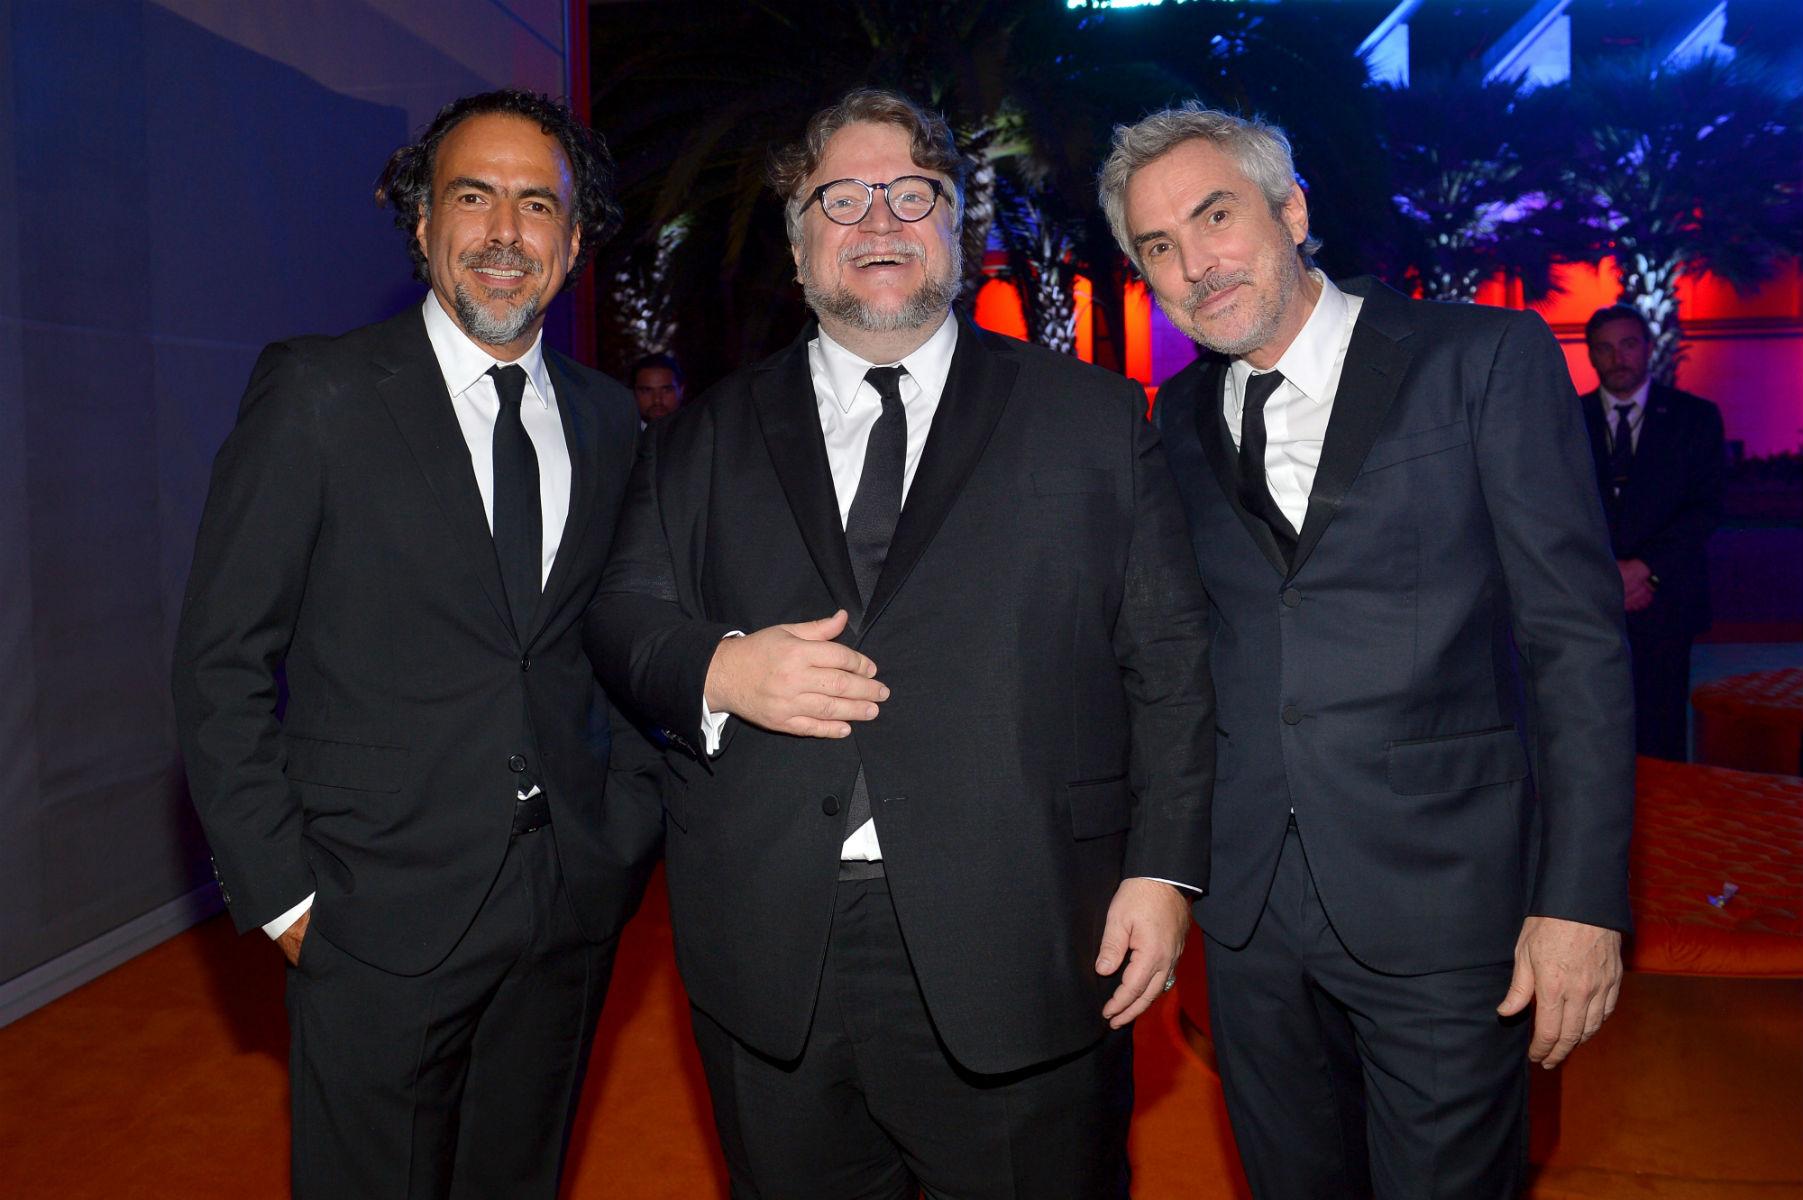 Tres amigos. Jak trzech meksykańskich reżyserów zdominowało współczesne Hollywood